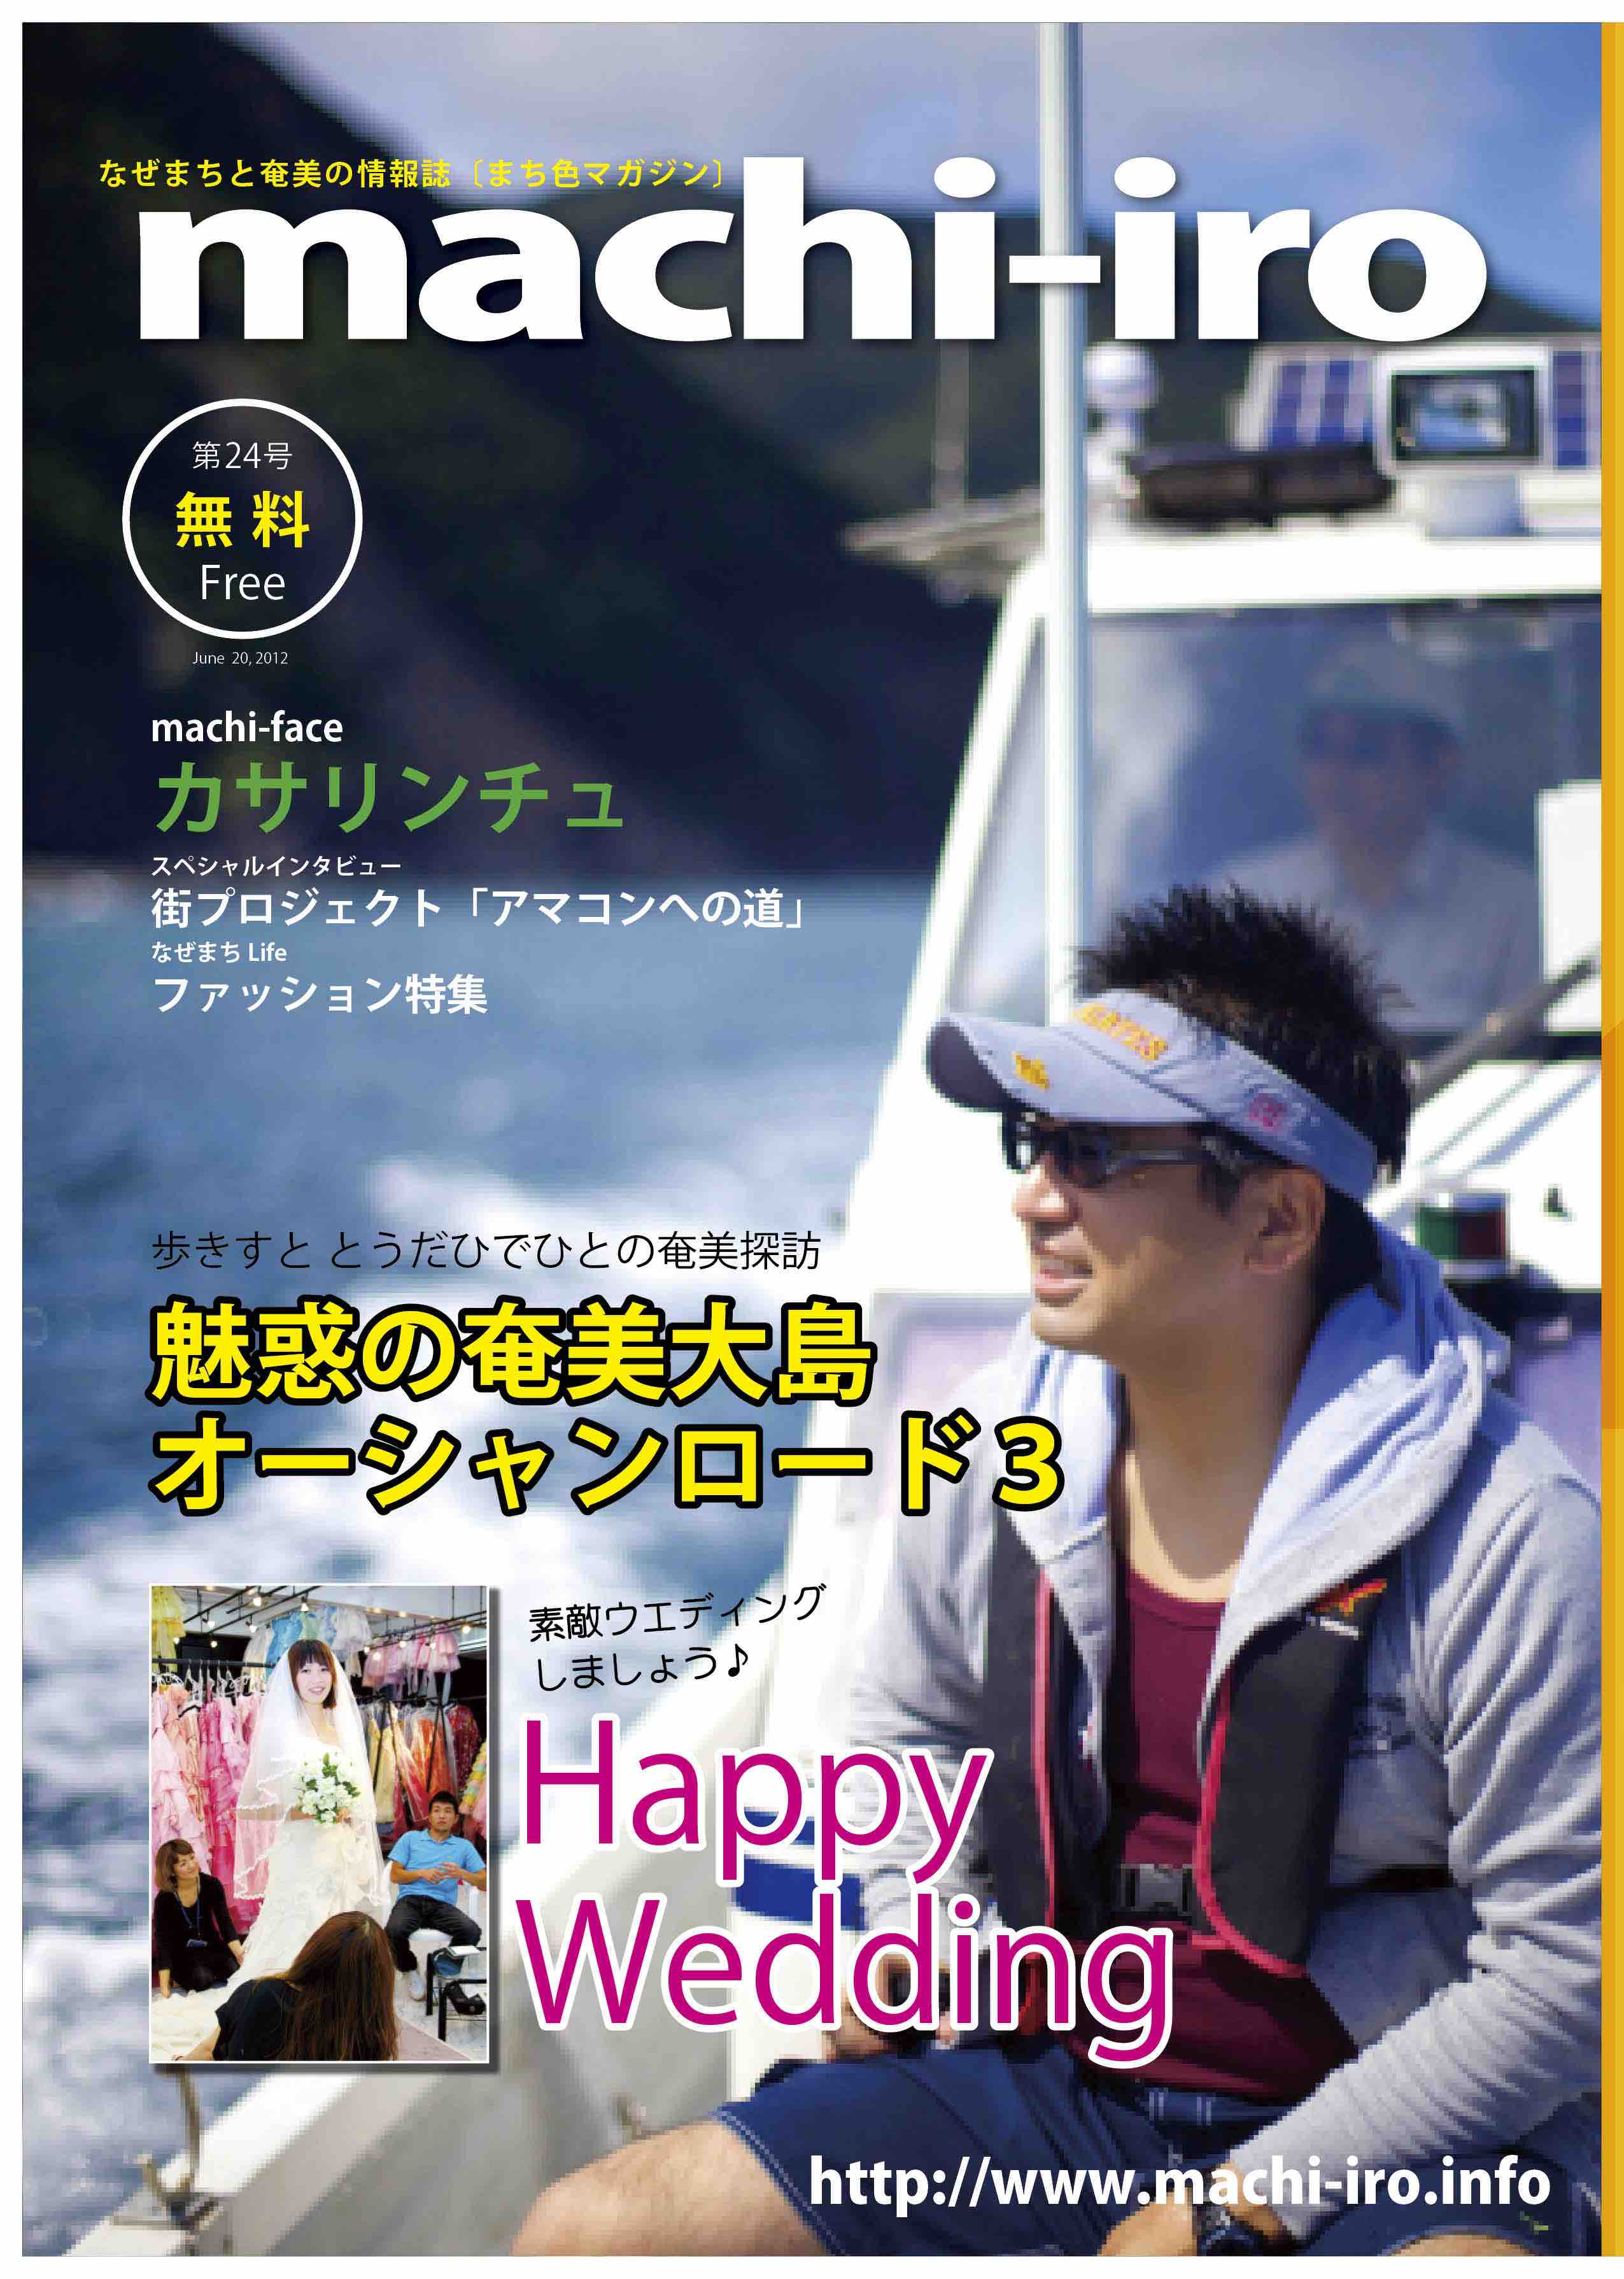 machi-iro magazine #24